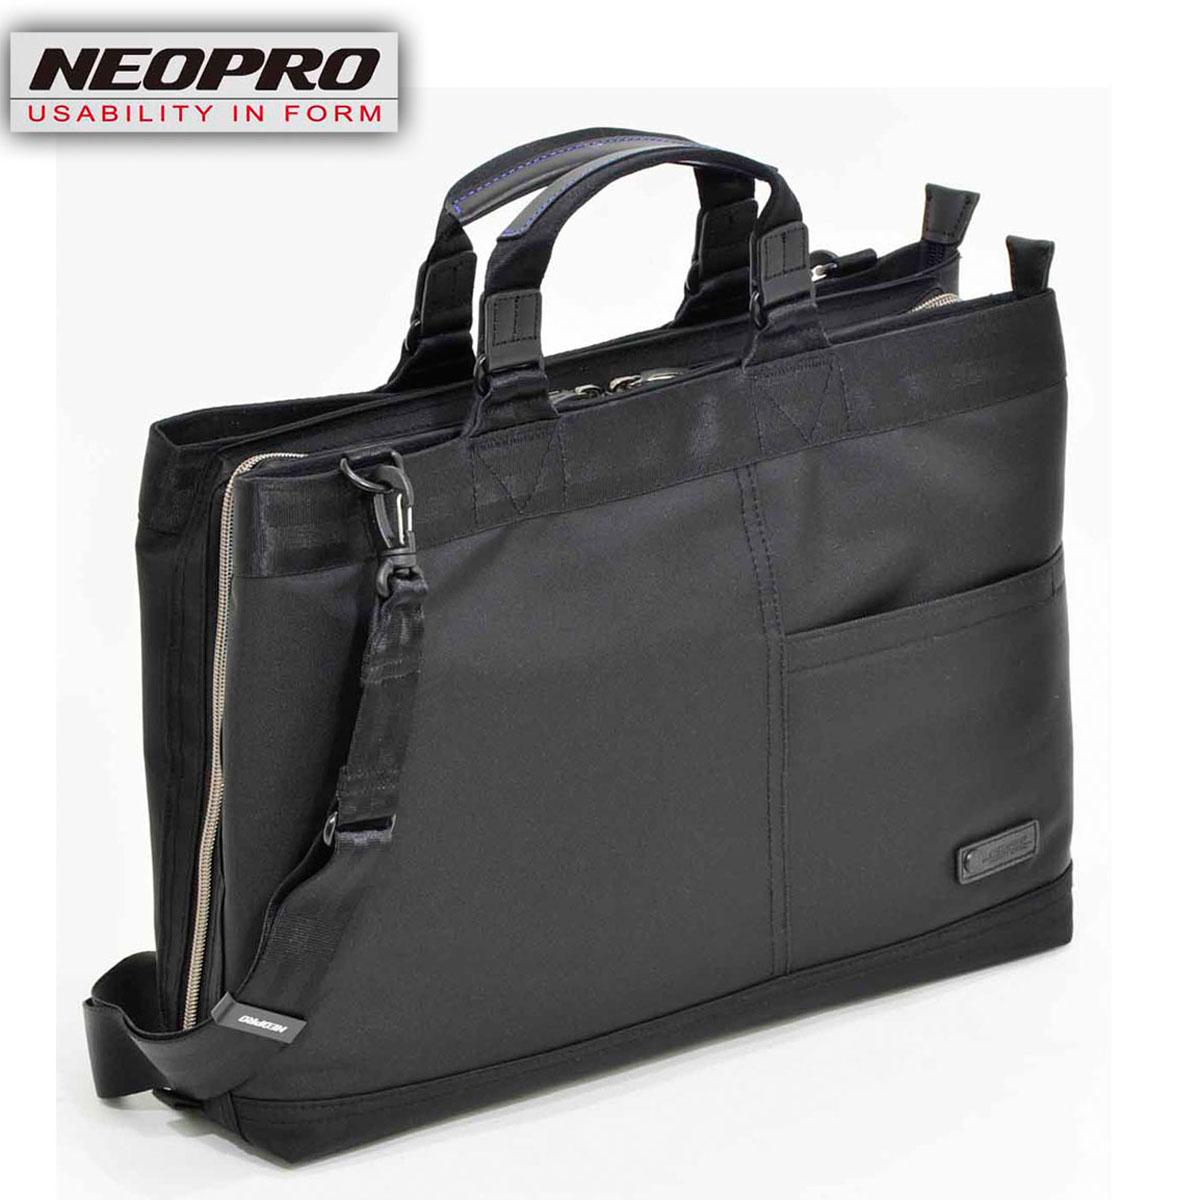 ビジネスバッグ NEOPRO Blue Series ネオプロ No:2-012 3Room トート ブリーフ メンズ レディース A4 ファイル ノートPC対応 軽量 多機能 通勤 通学 エンドー鞄